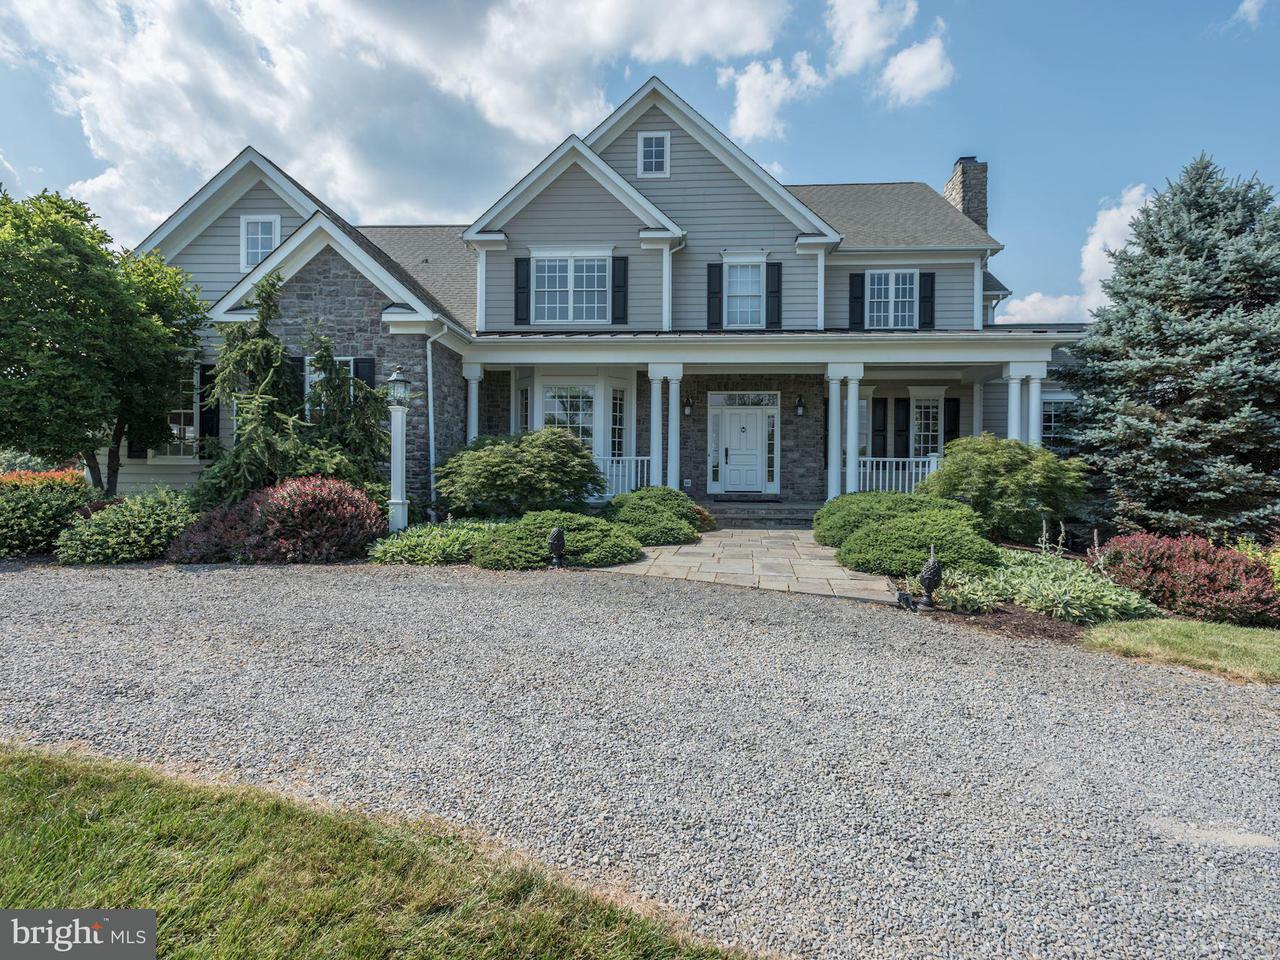 Casa Unifamiliar por un Venta en 14777 Clover Hill Road 14777 Clover Hill Road Waterford, Virginia 20197 Estados Unidos